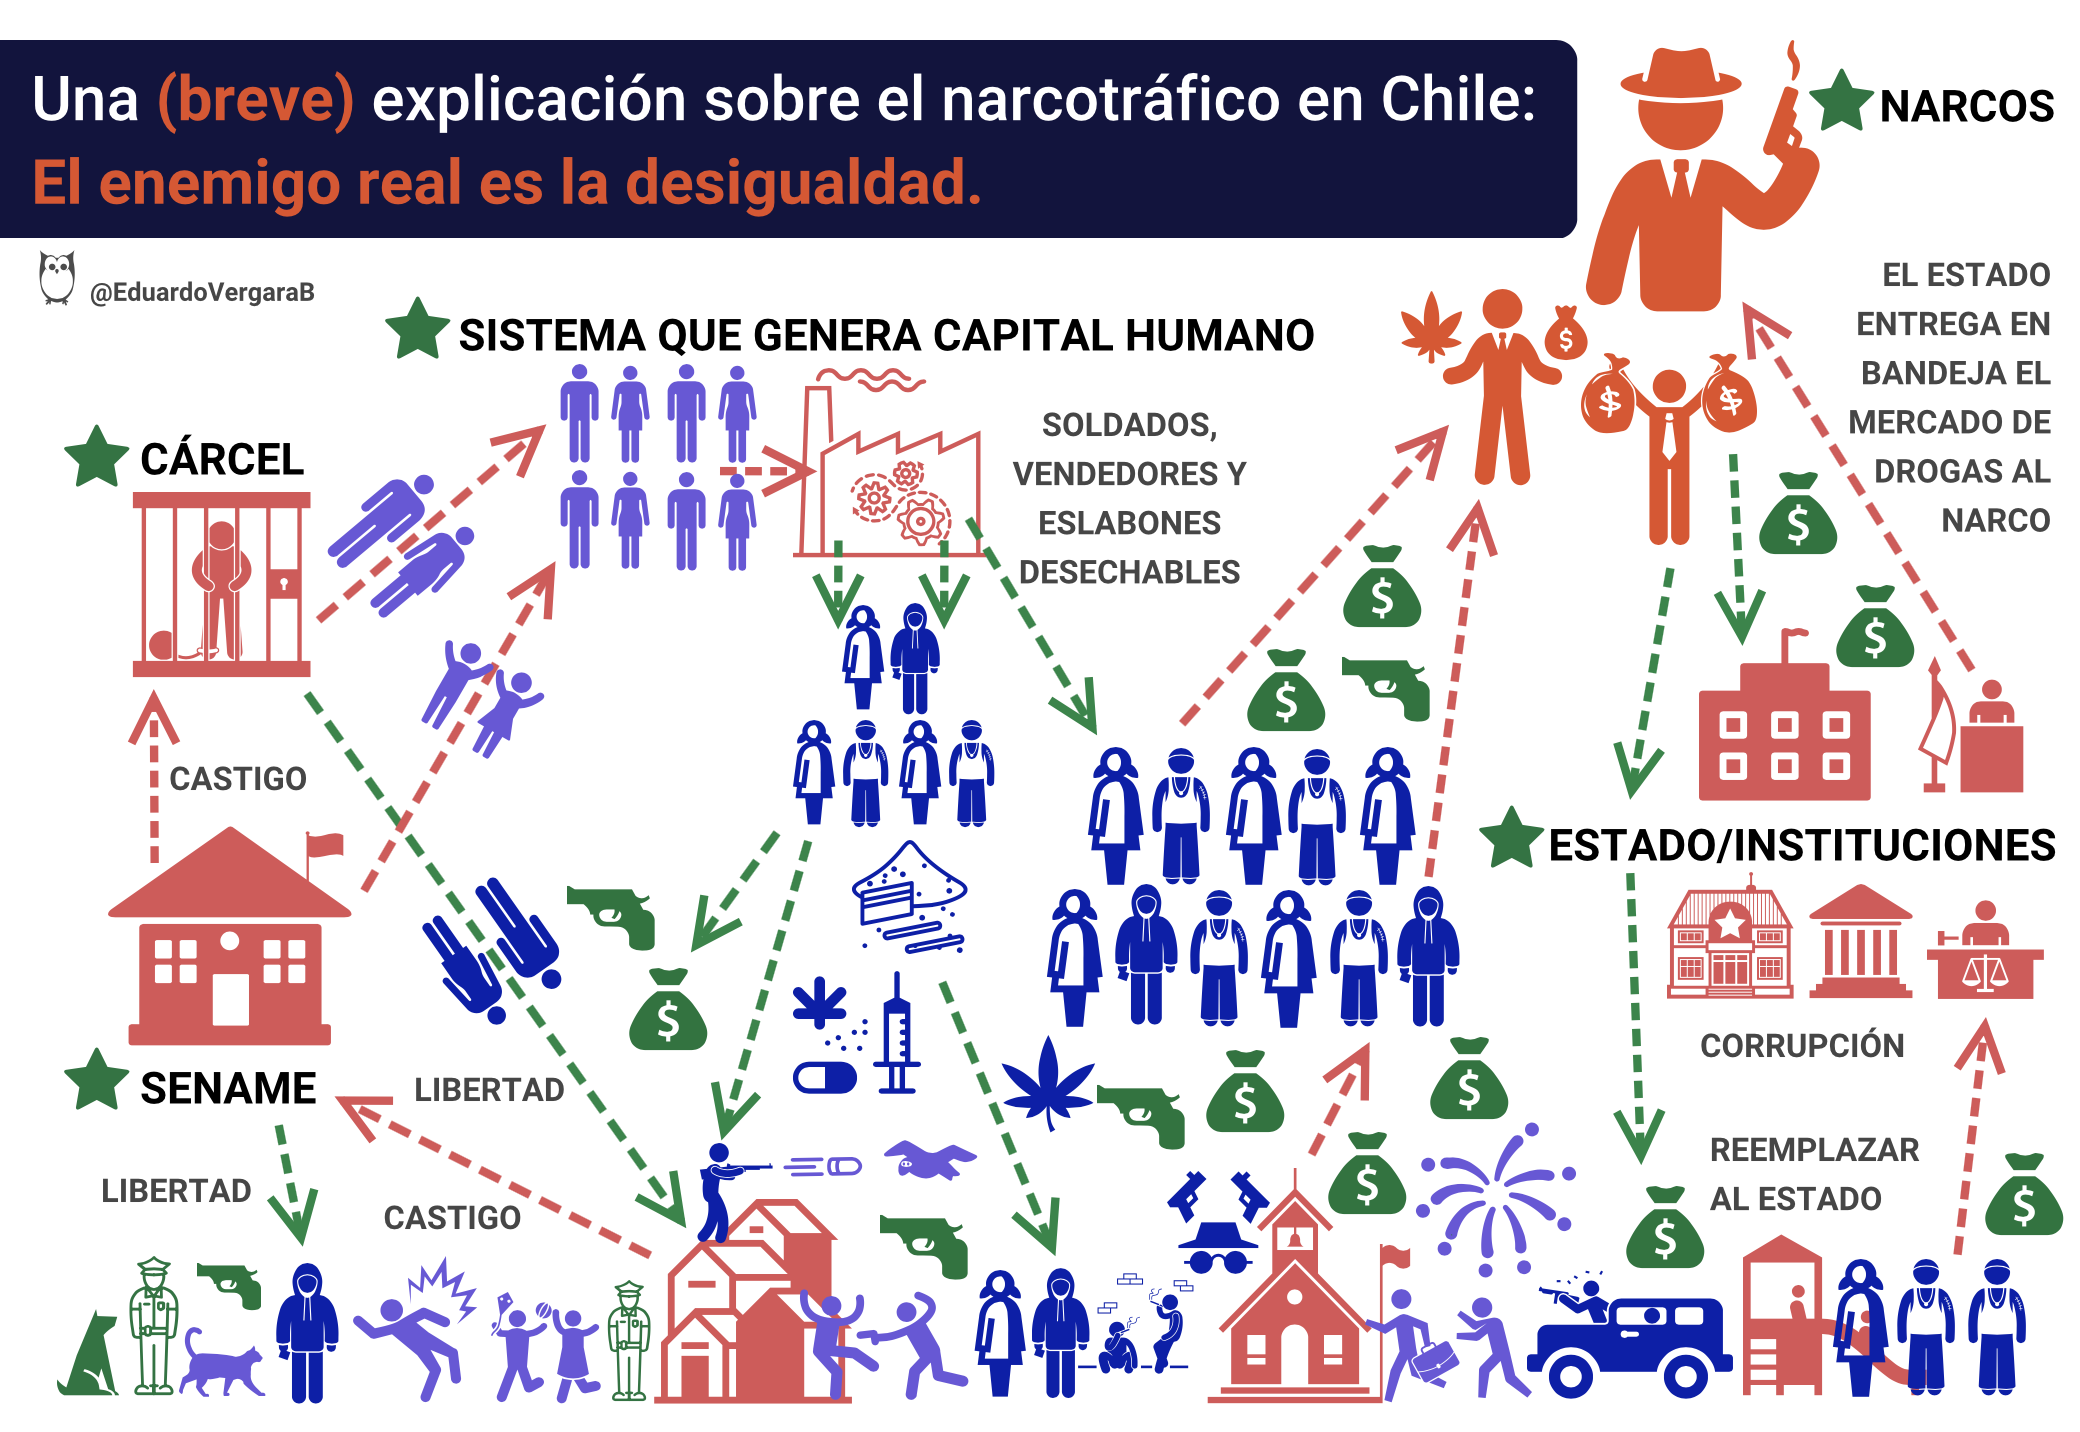 Una (breve) explicación sobre el narcotráfico en Chile: El enemigo real es la desigualdad.